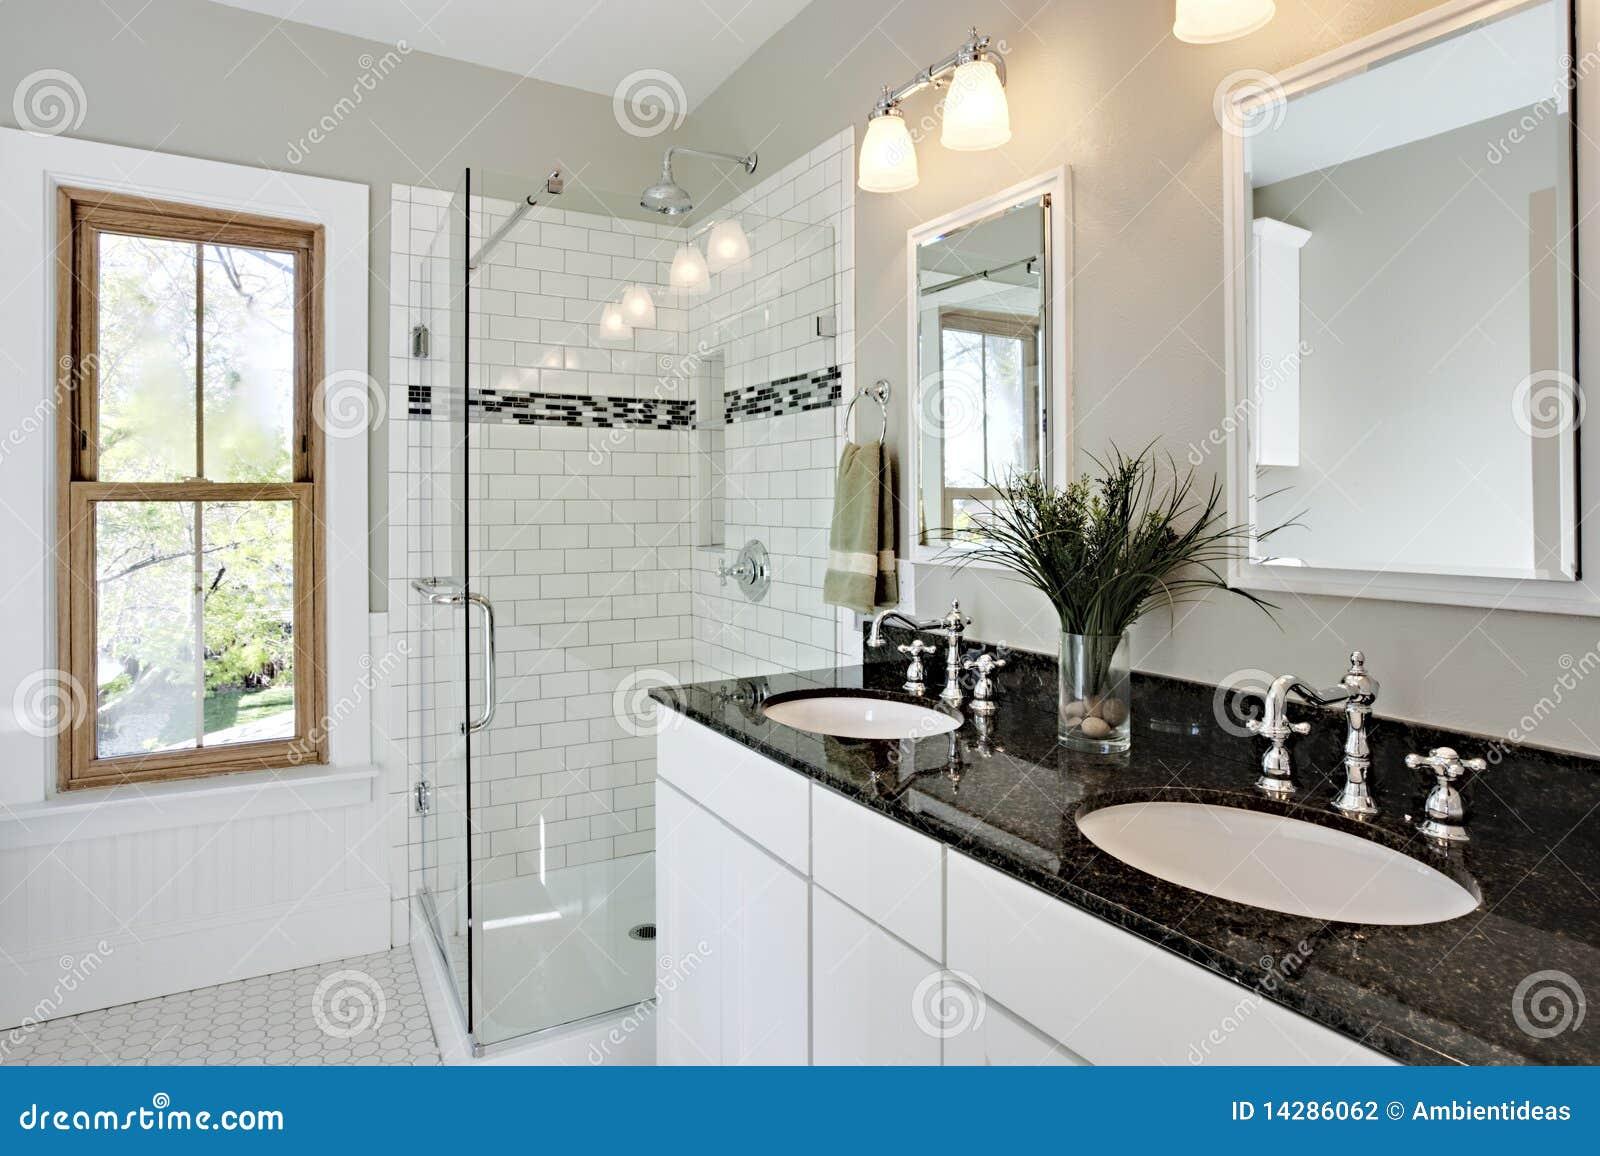 helles weiß gestaltet badezimmer um stockfotografie - bild: 14286062 - Badezimmer Wei